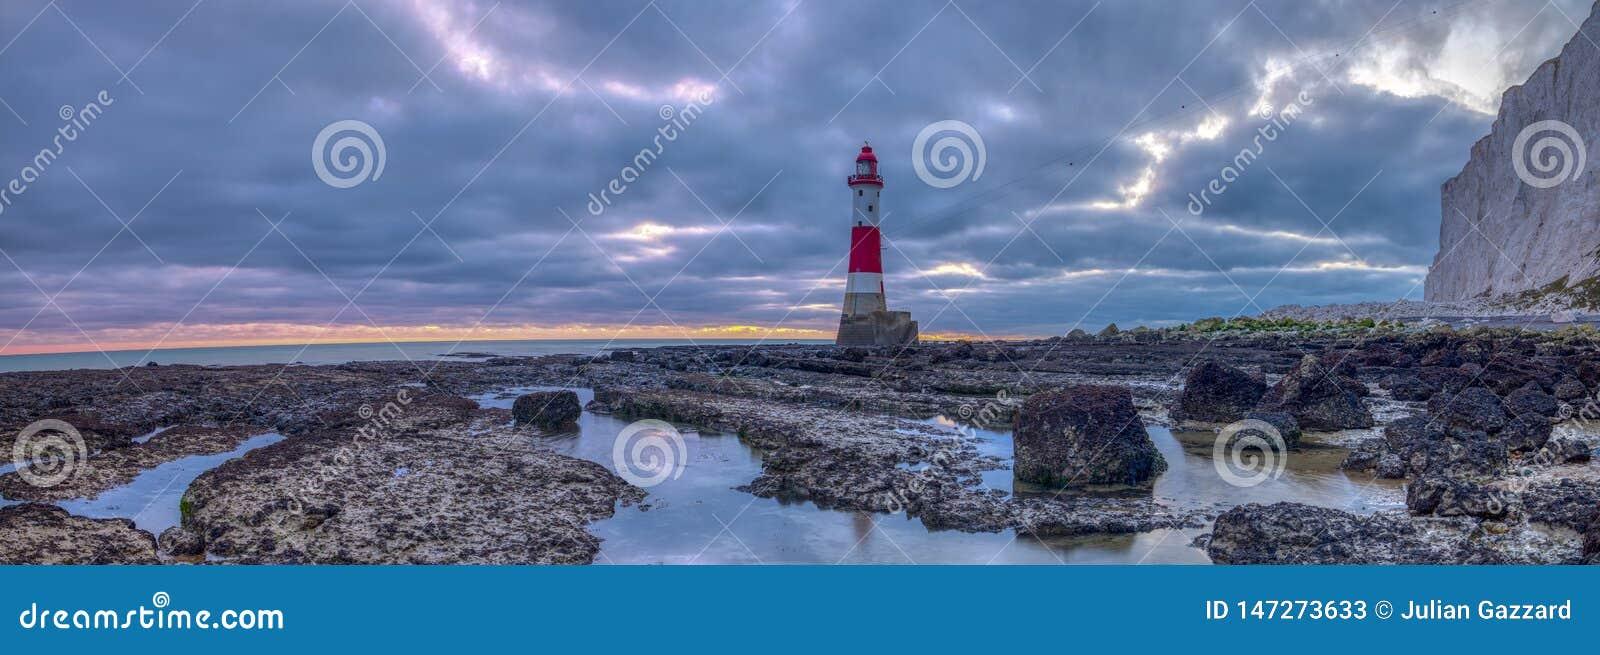 Patrzejący do Beachy głowy światła falezy i - zaszyta panorama brać spod spodu lekkiego domu przy Beachy głową, East Sussex, UK